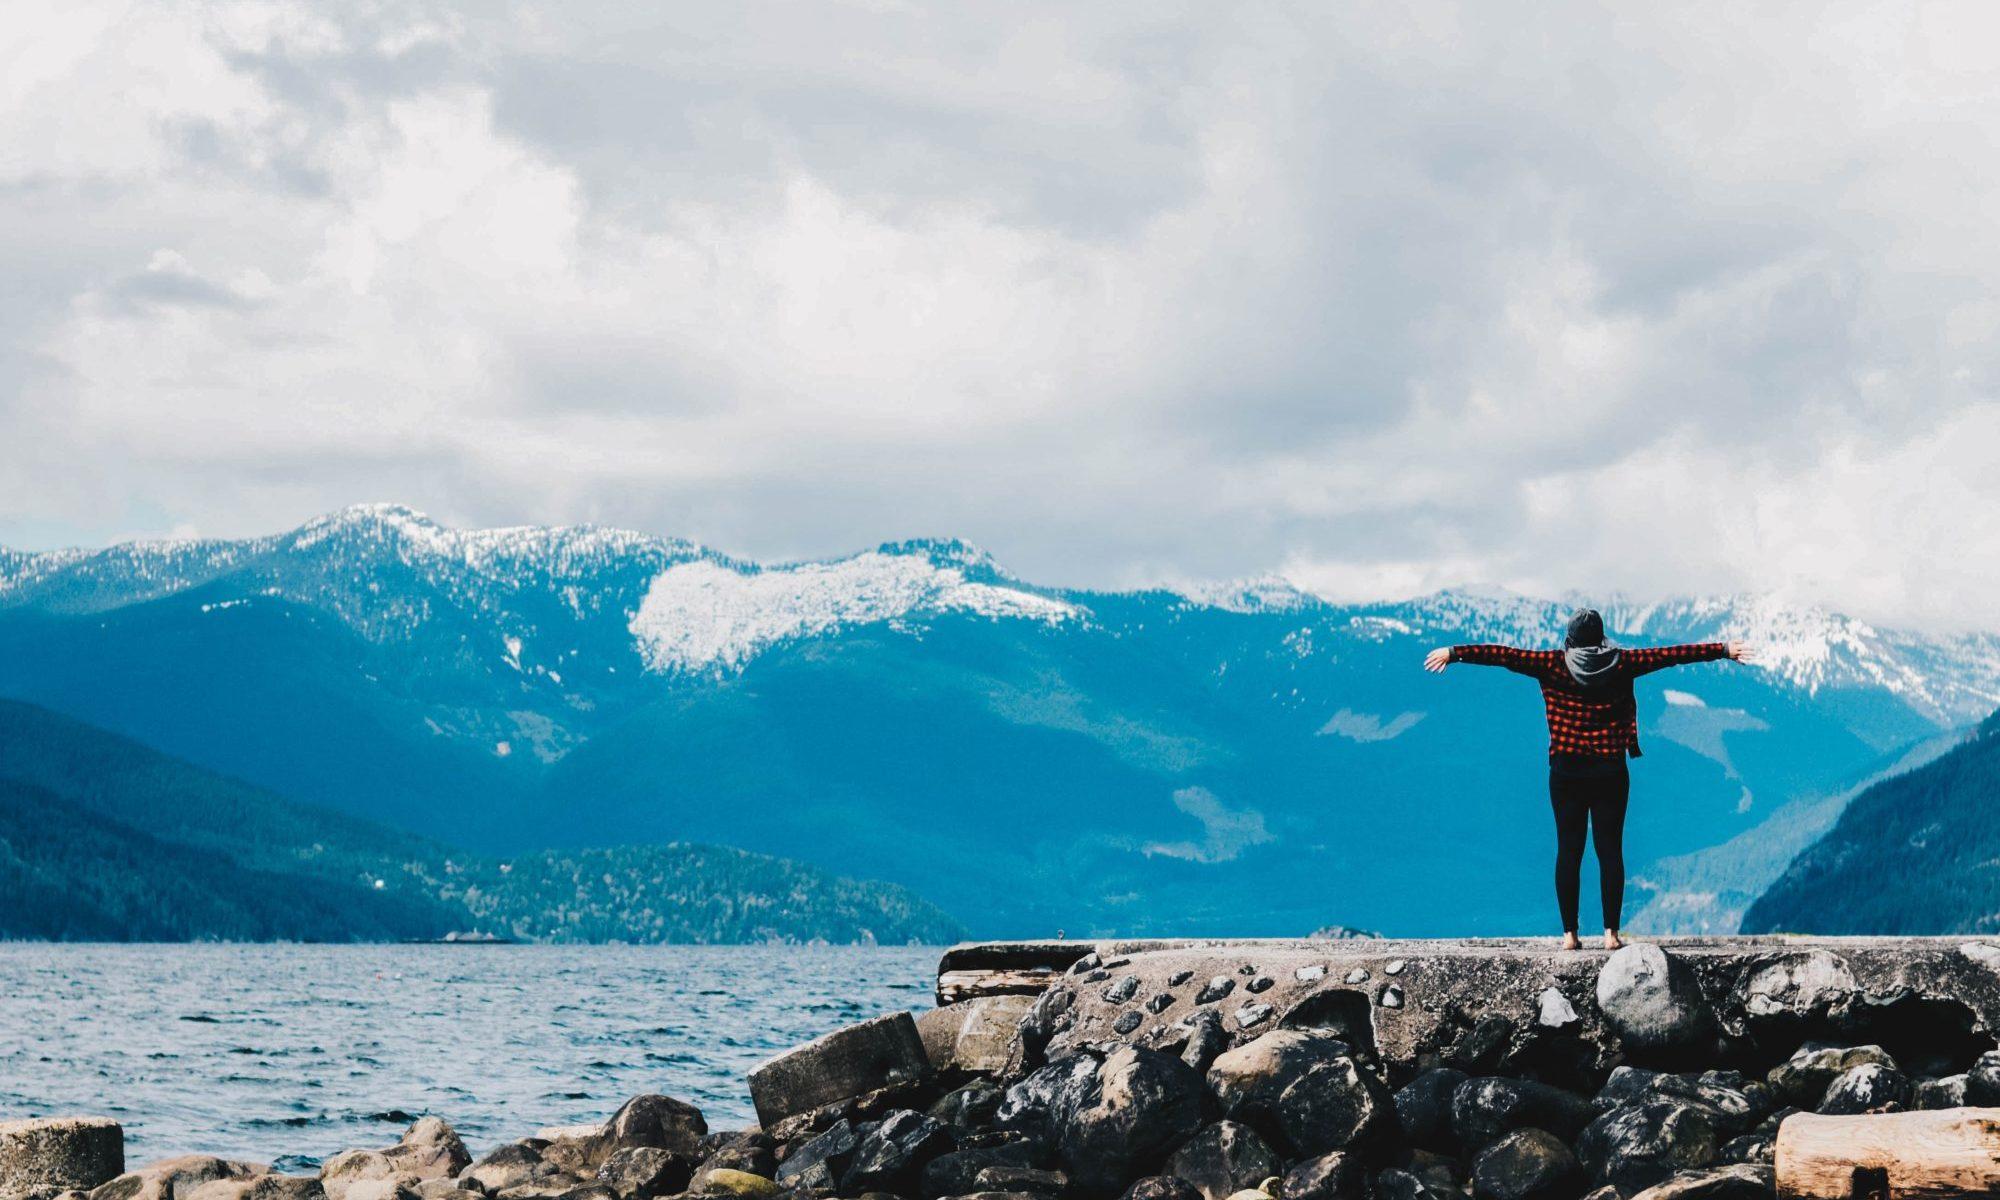 水と山脈の近くに腕を広げる人